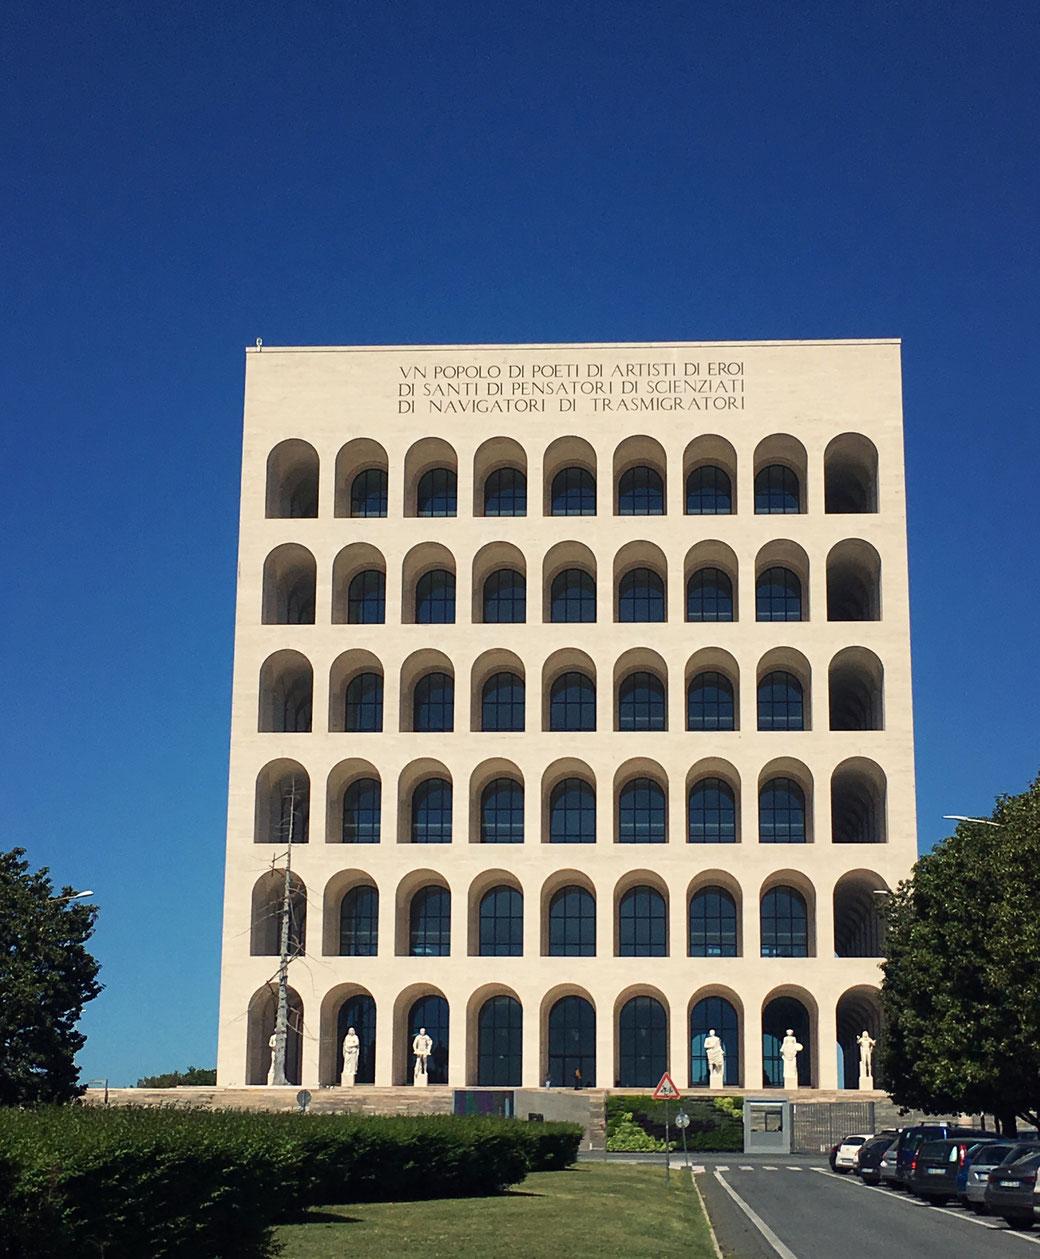 Das Colosseo Quadrato in EUR